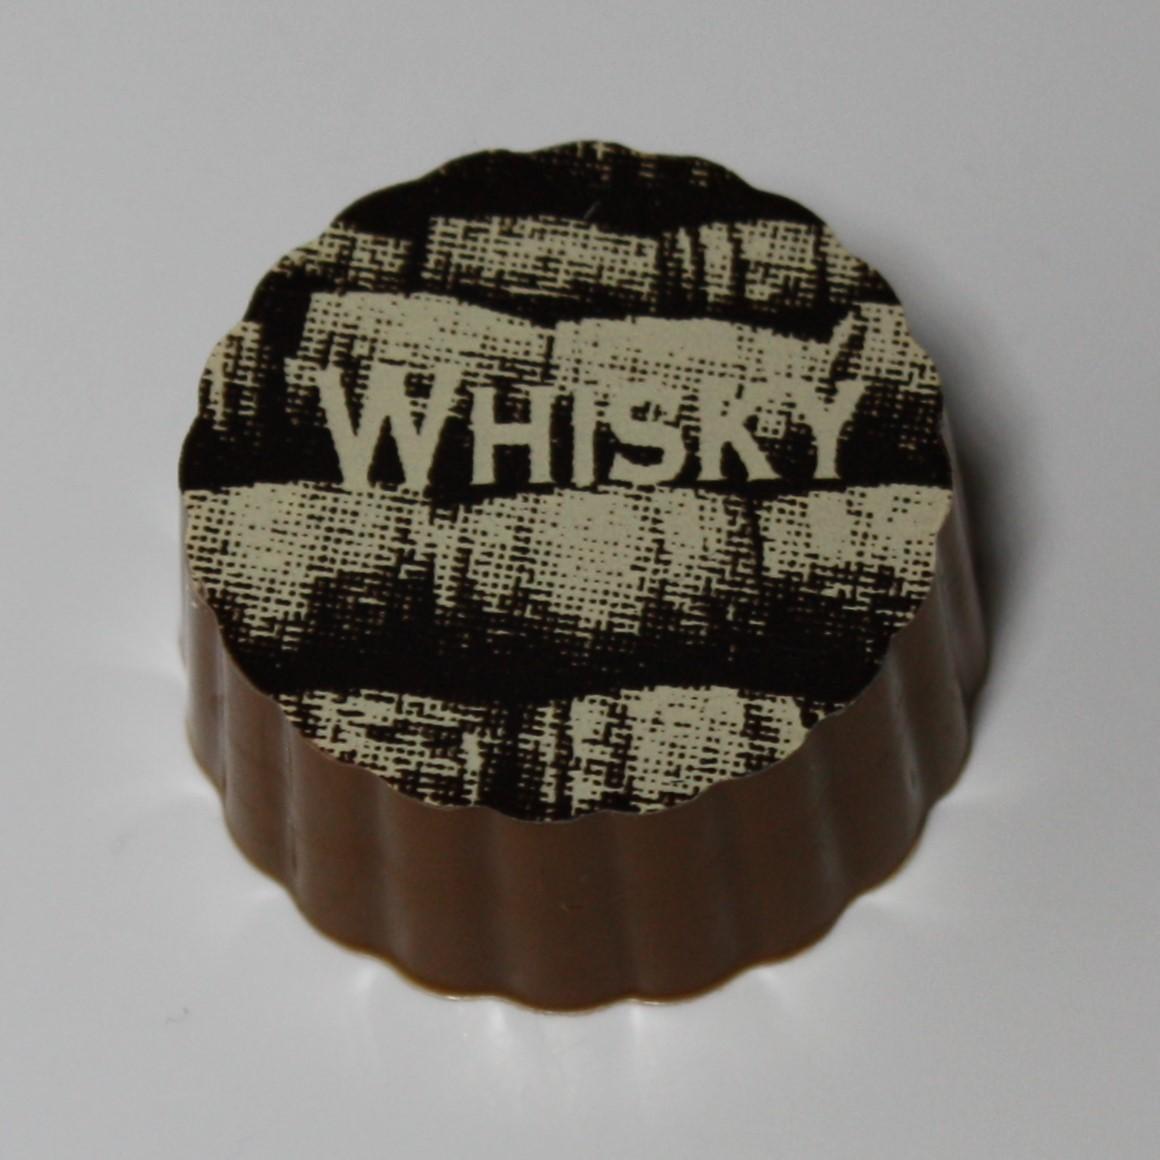 Whisky-melk.JPG